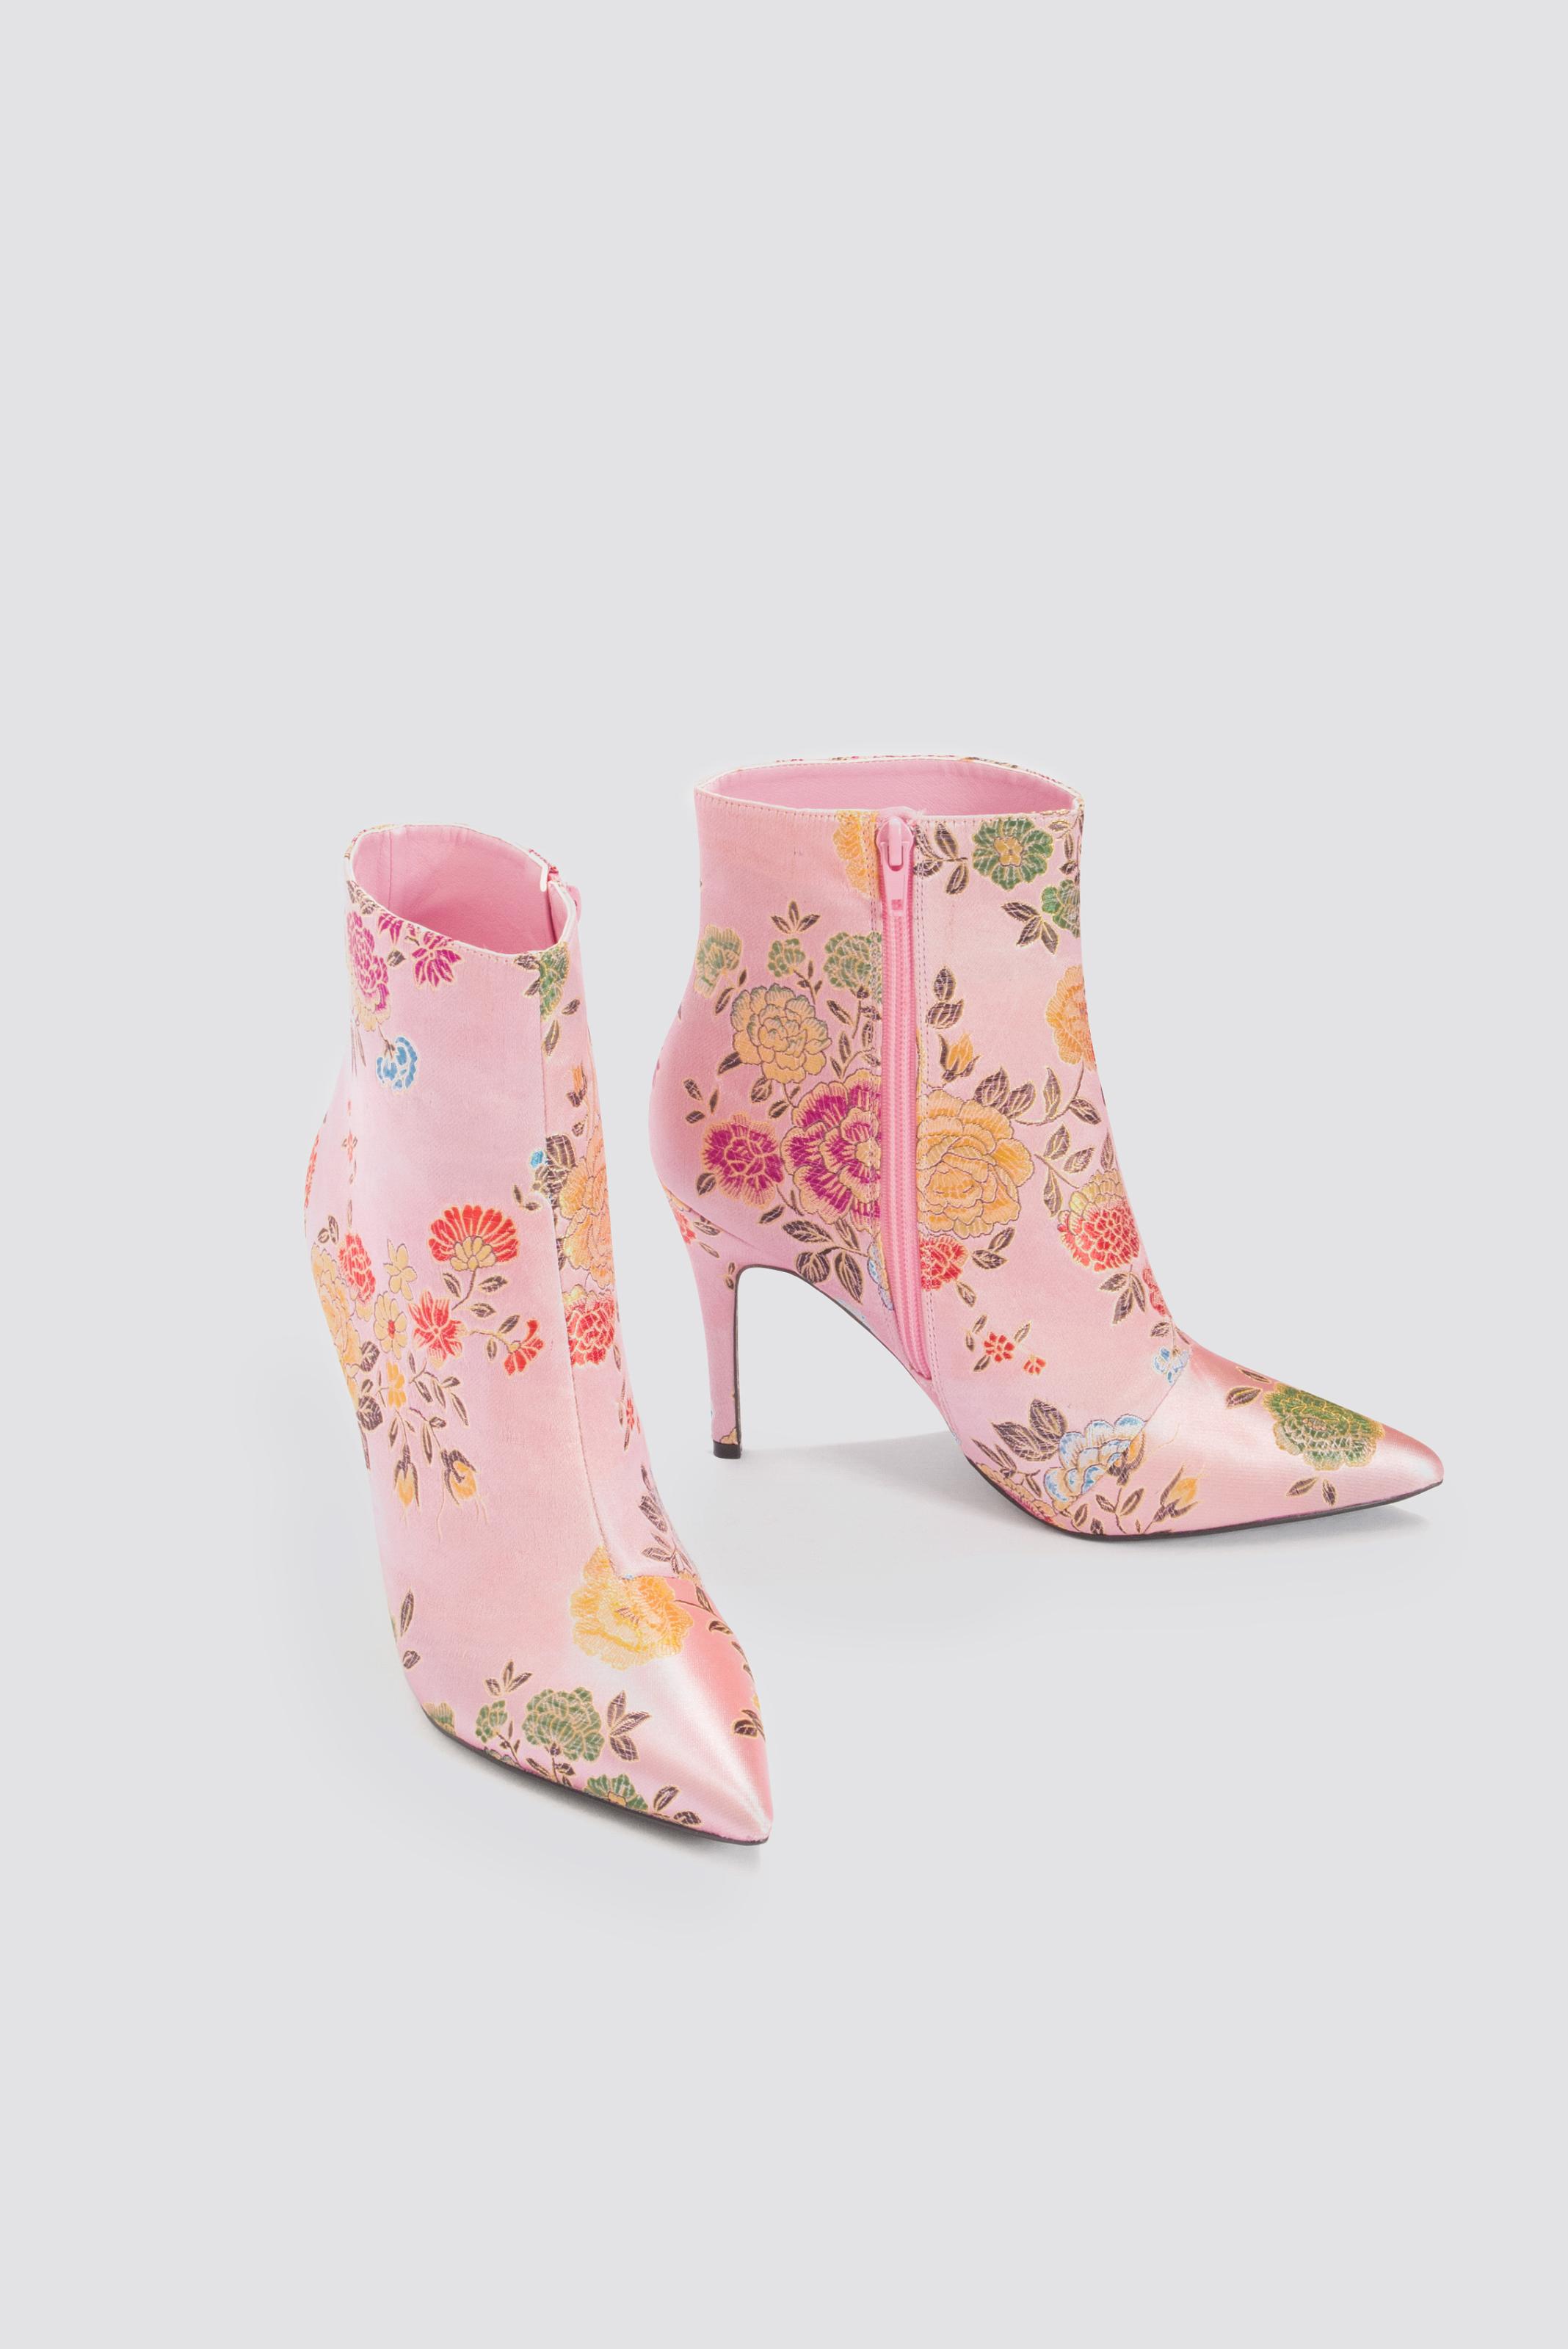 NA-KD Jacquard Flower Satin Boots - Pink SFWjZXi